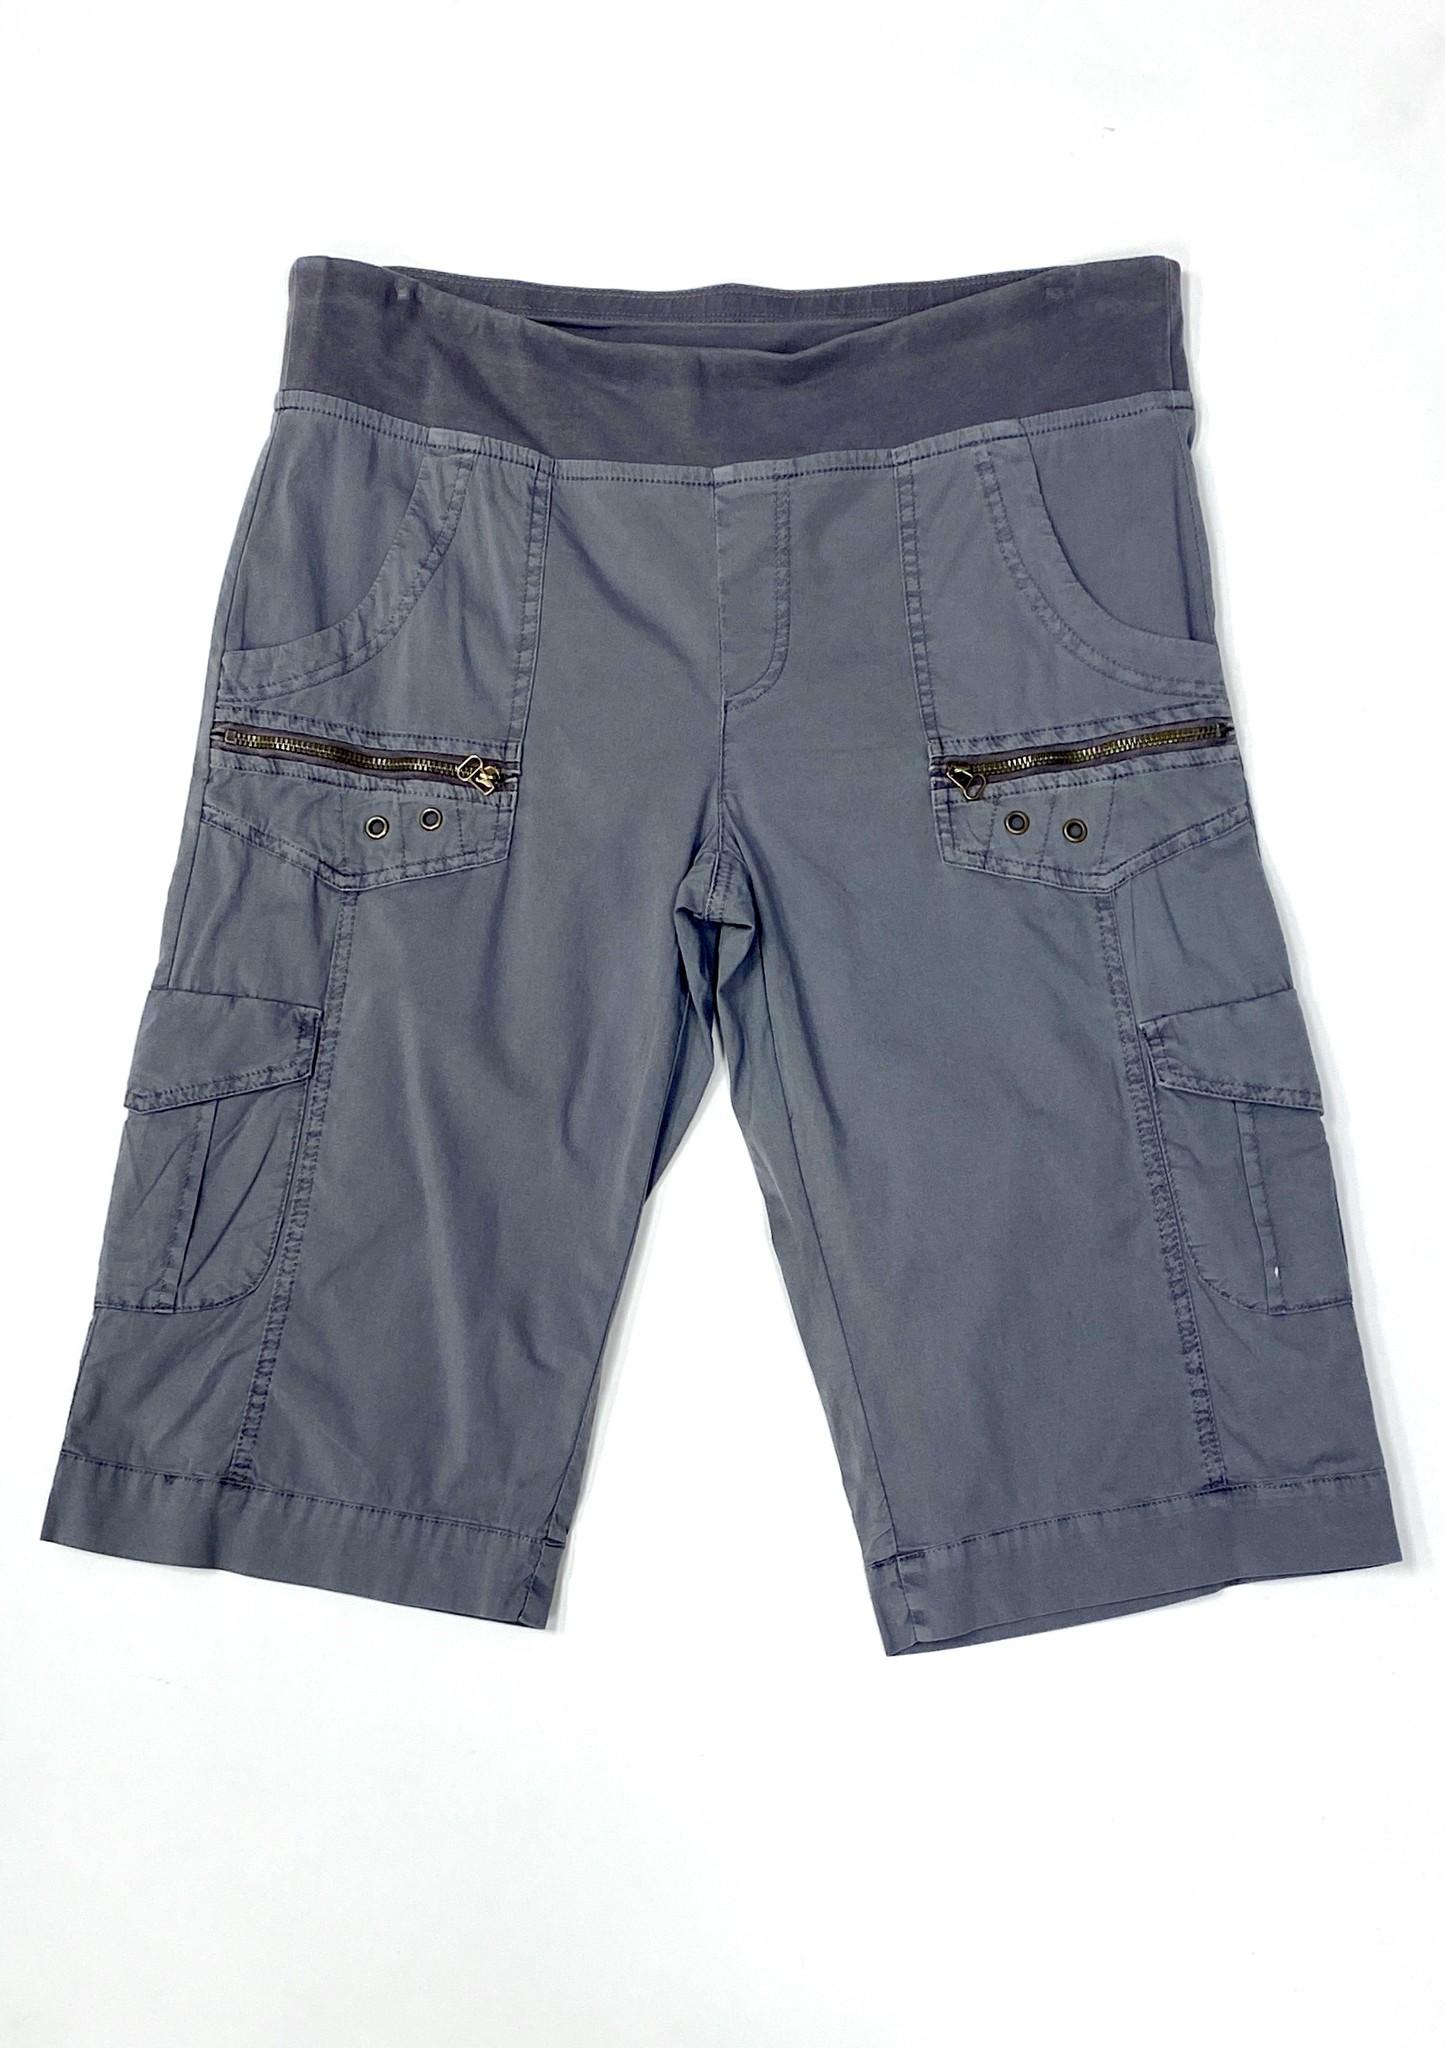 Grey Zola Bermuda Shorts